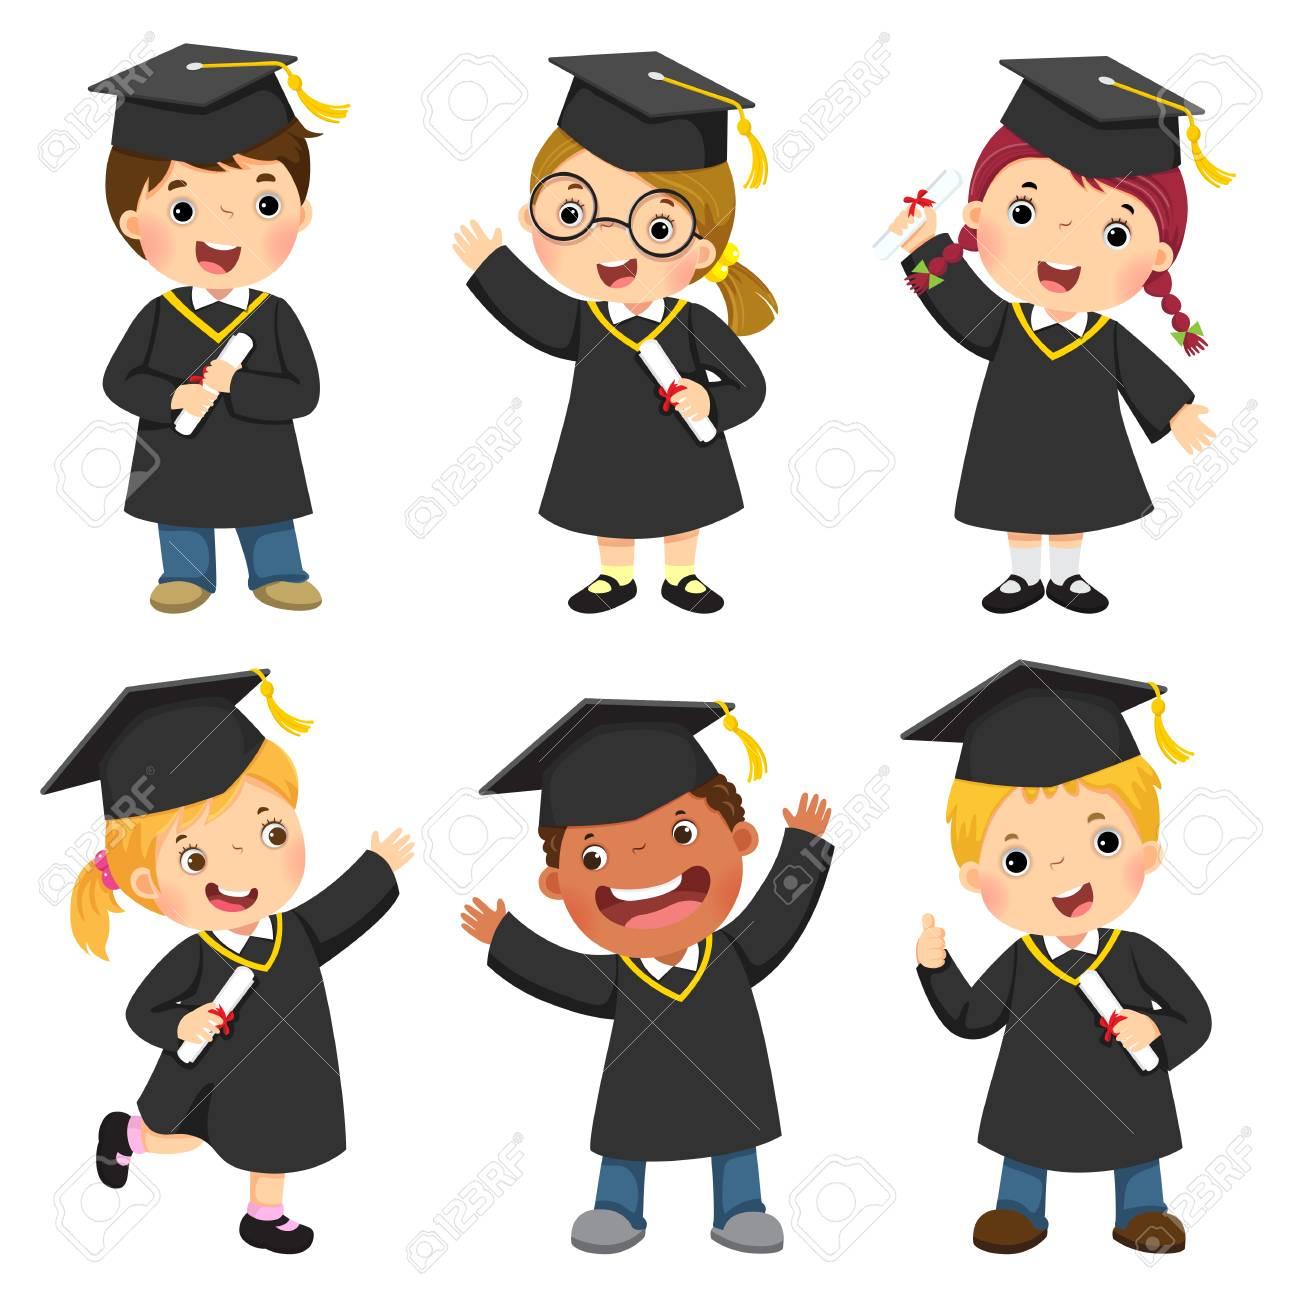 Set of children in their graduation gown..